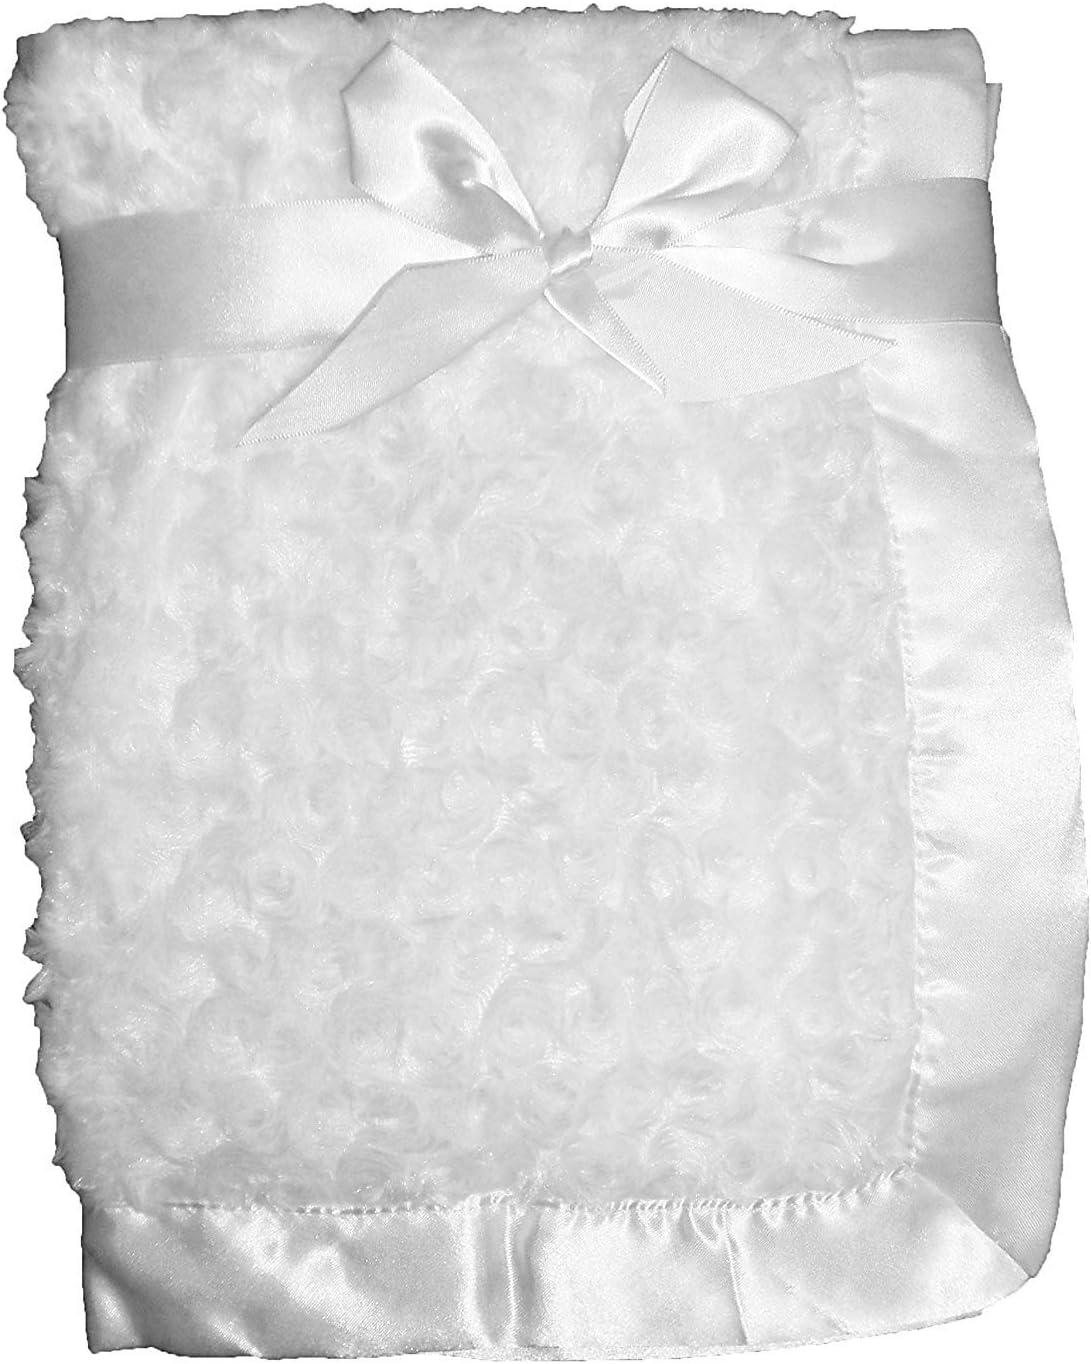 Couverture de berceau en peluche avec bords en satin pour landau